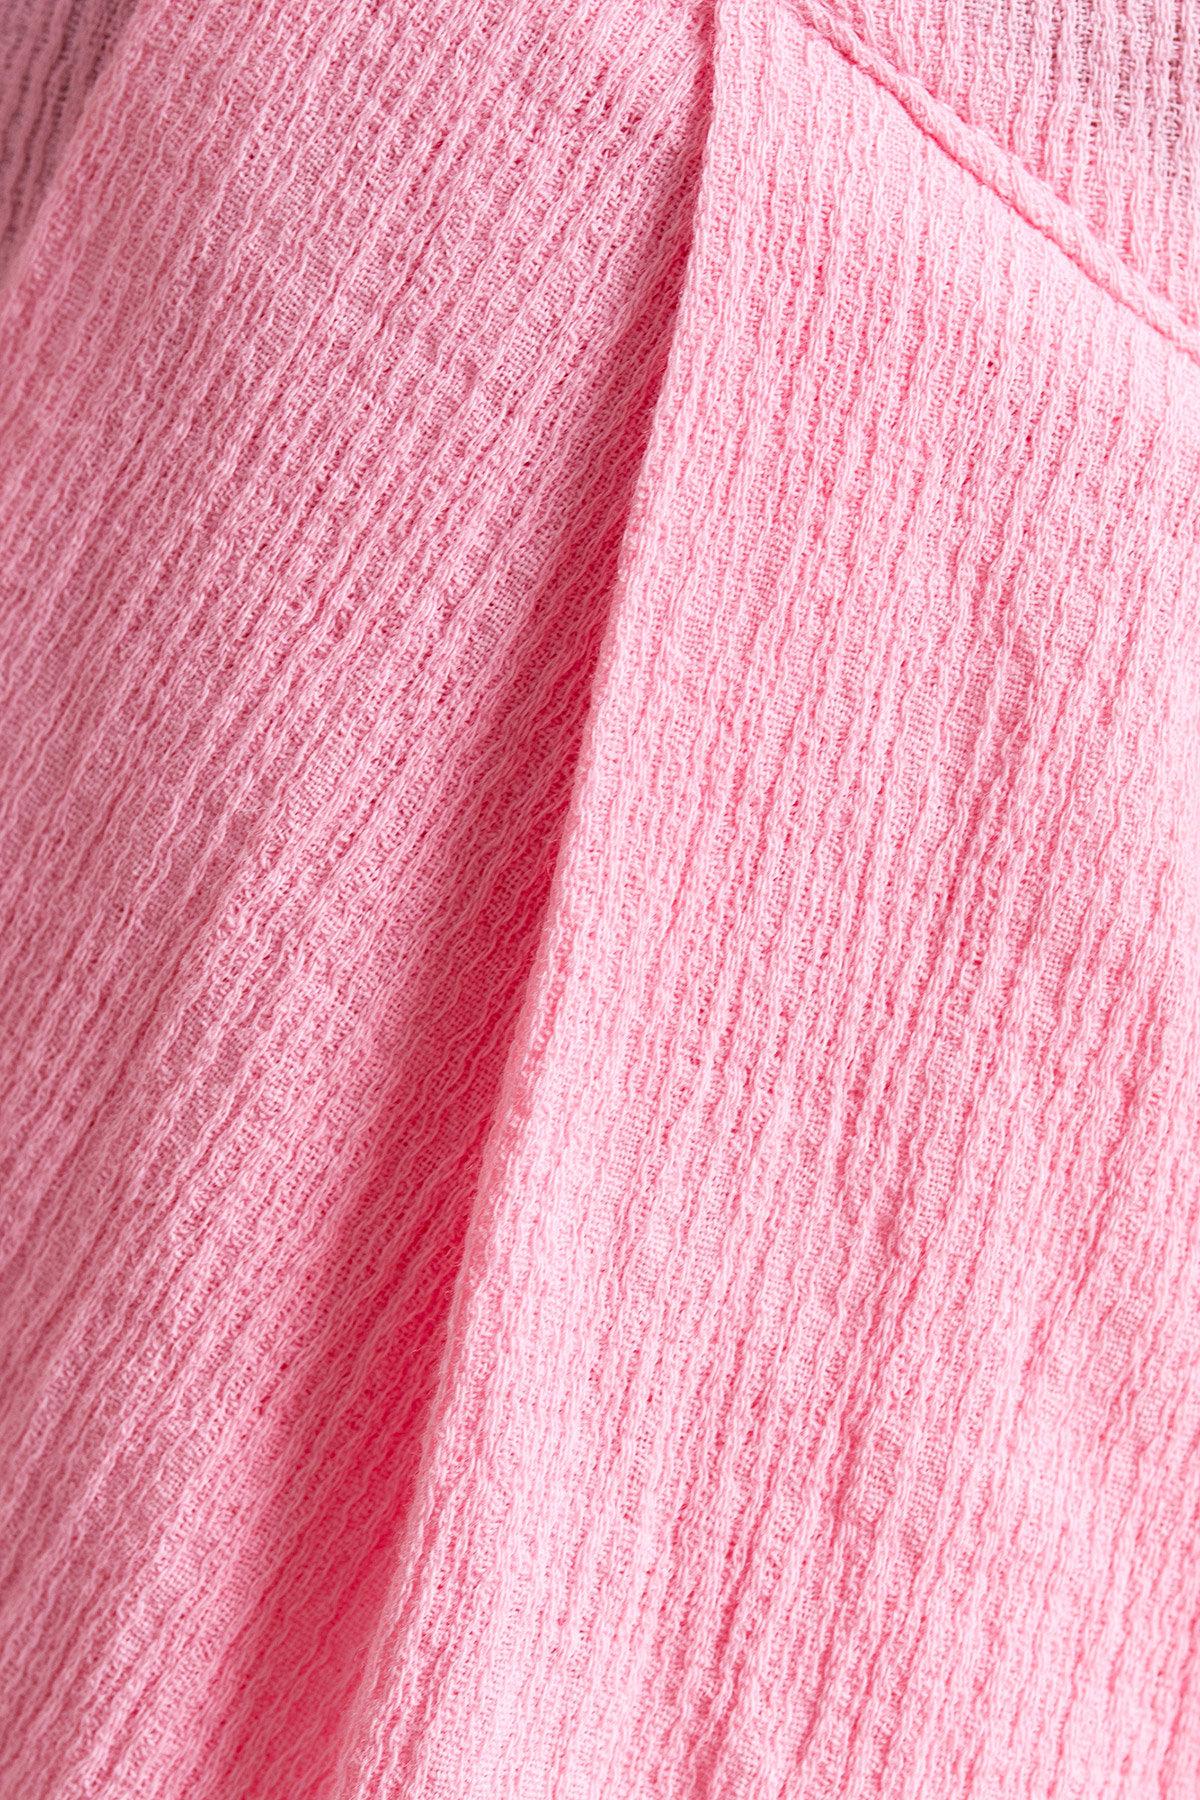 Шорты Каллен 3016  АРТ. 15787 Цвет: Розовый - фото 4, интернет магазин tm-modus.ru